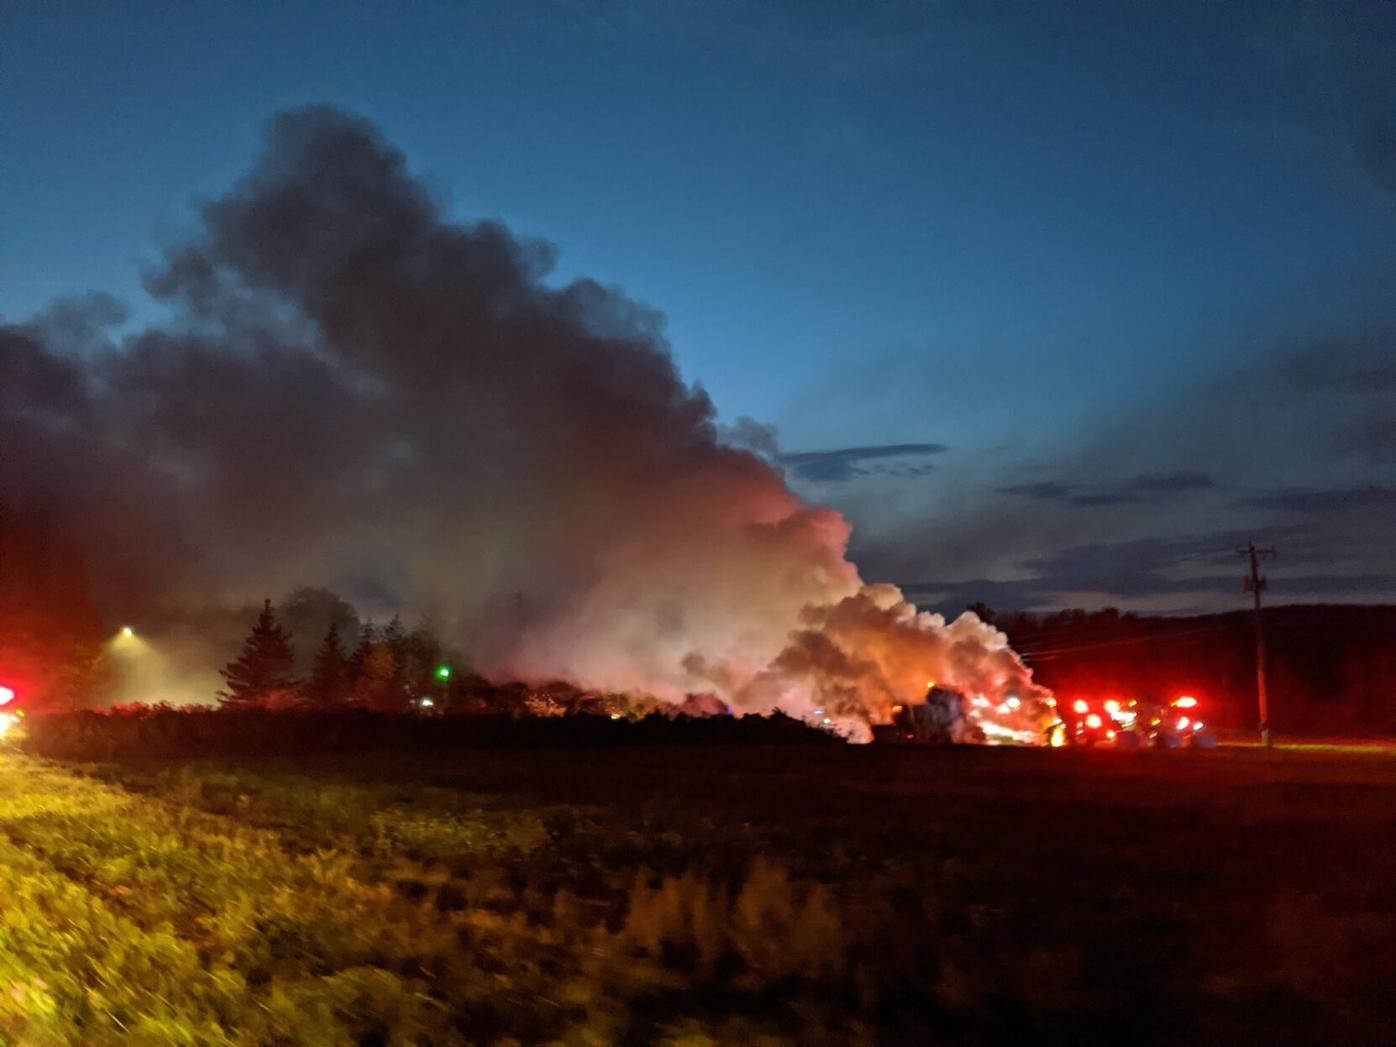 Dalton farm fire 3.jpg